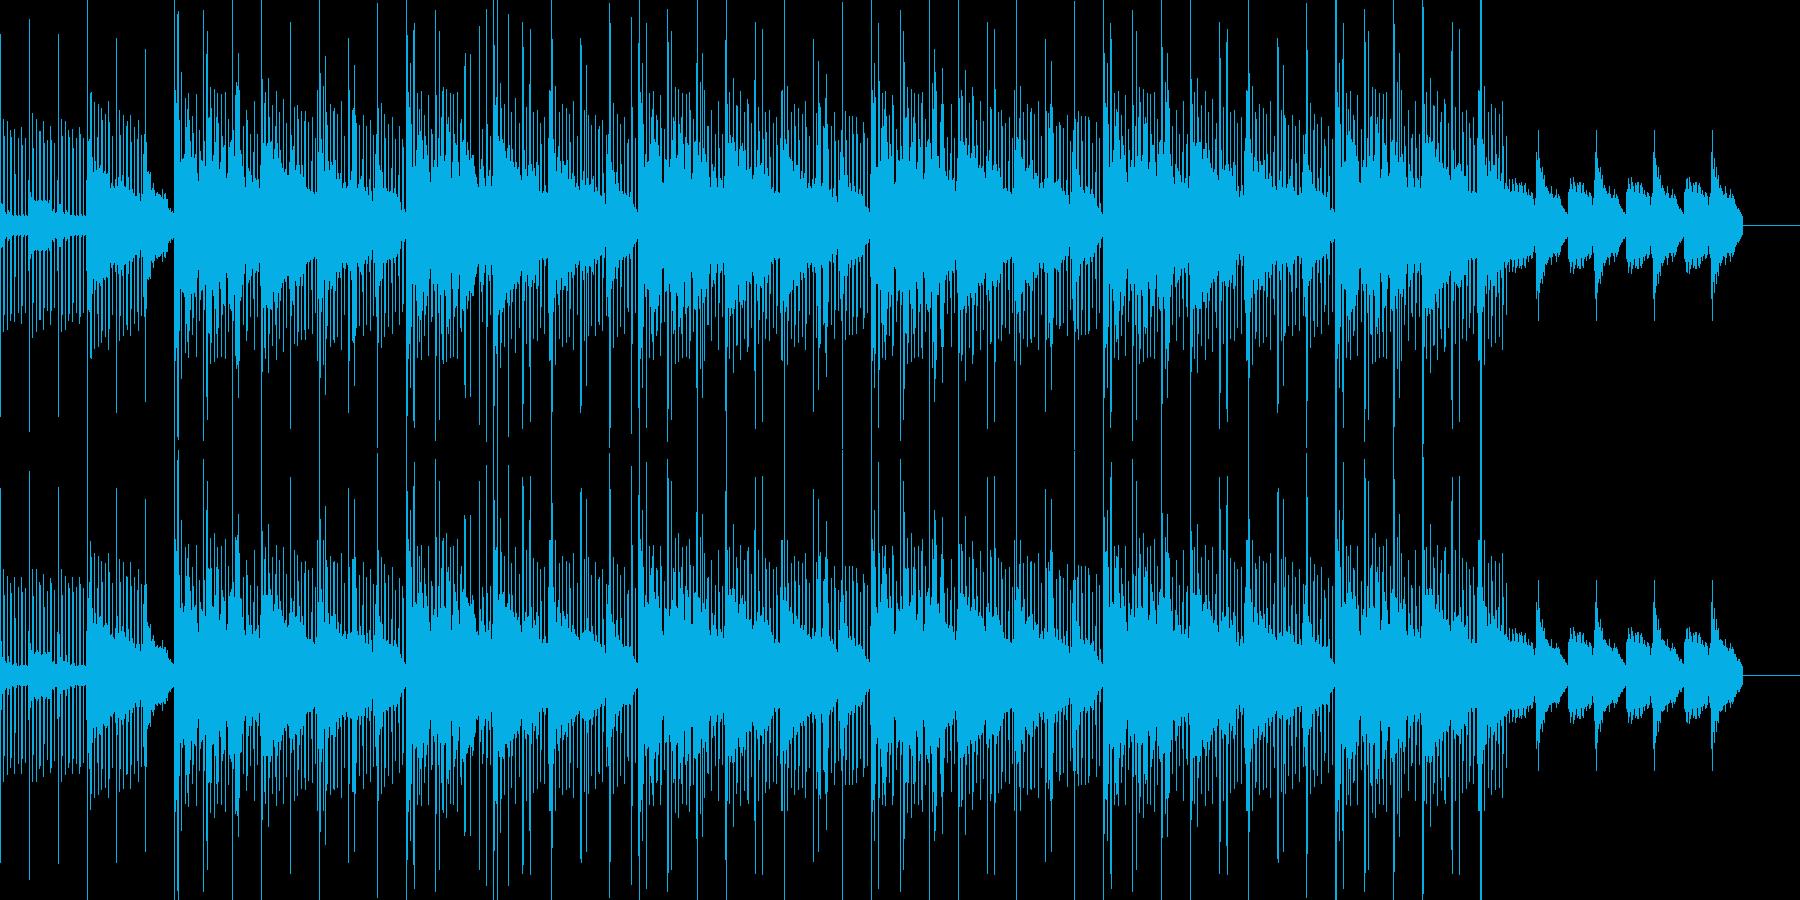 リラックスして聞けるヒップホップの再生済みの波形